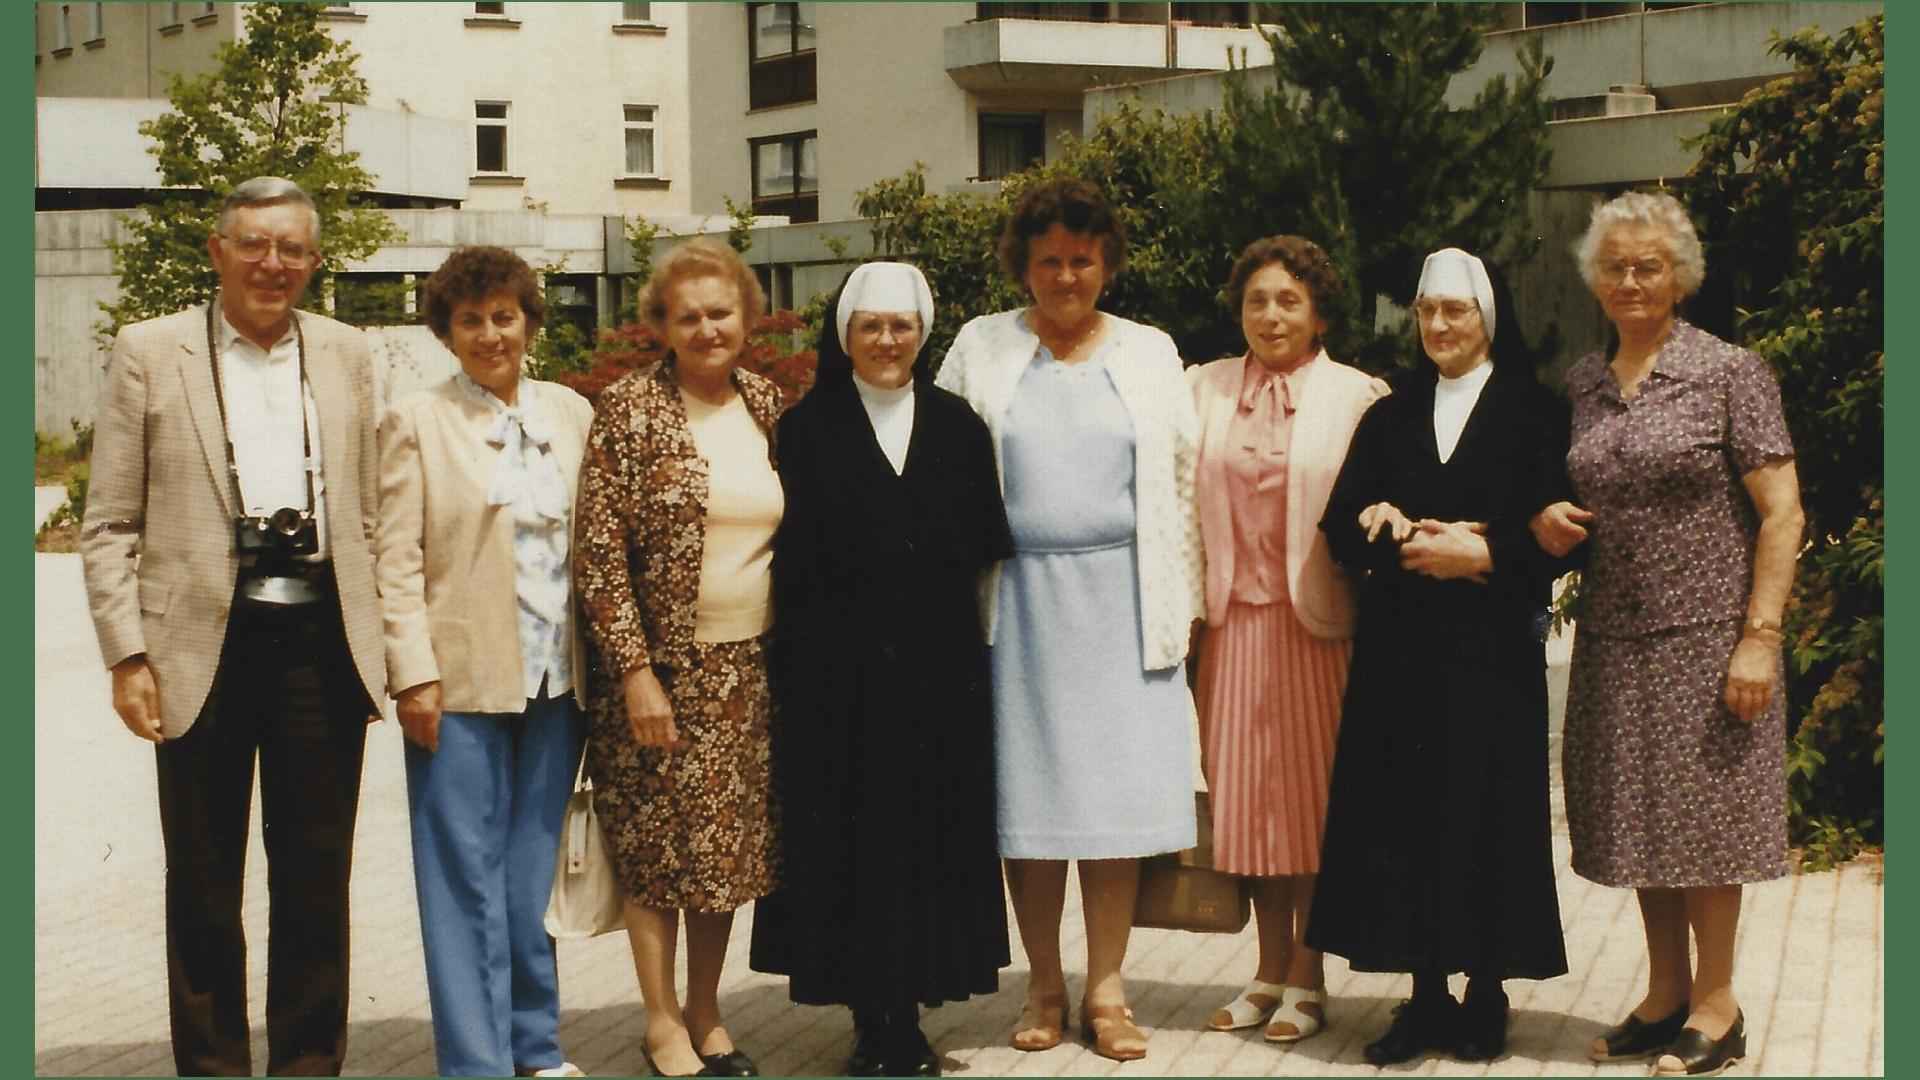 Kurgäste (Landsleute der Schwestern) 1984-aus Chicago, Wien und Deidesheim. Foto: Archiv Arme Schulschwestern